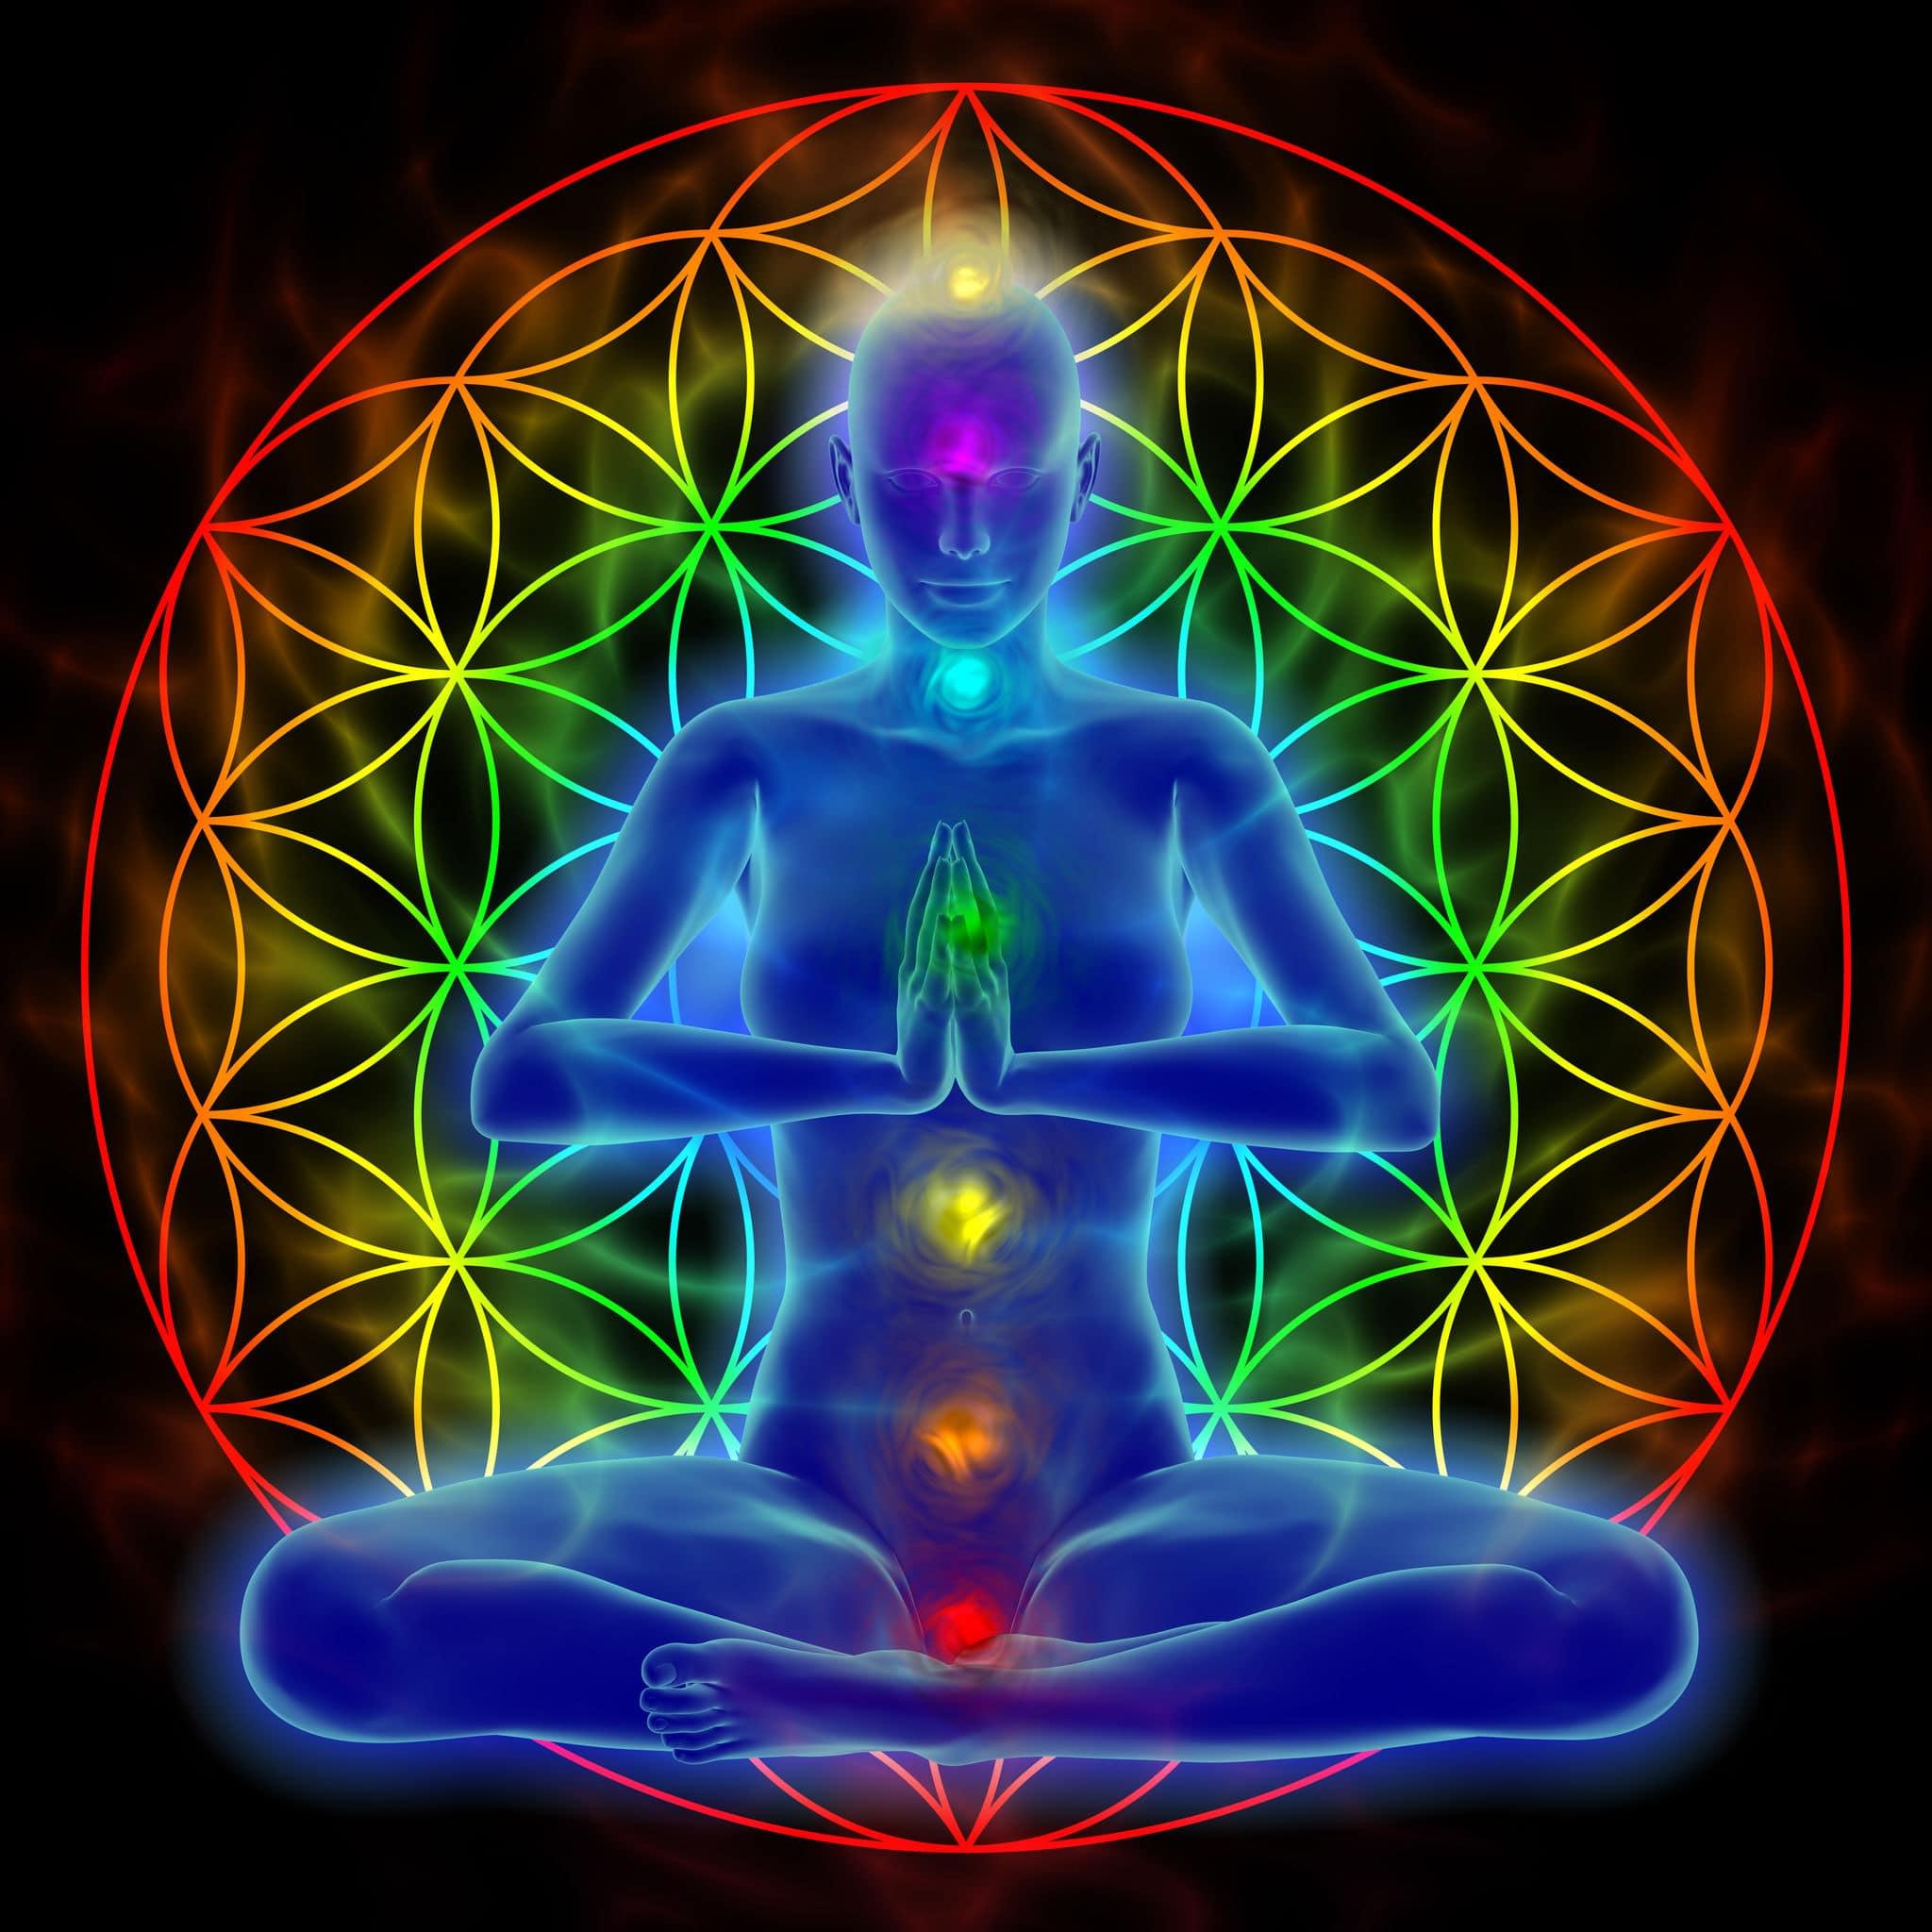 Ilustração de uma mulher meditando. Símbolos dos chakras representados pelo corpo. Sentada na posição lótus.